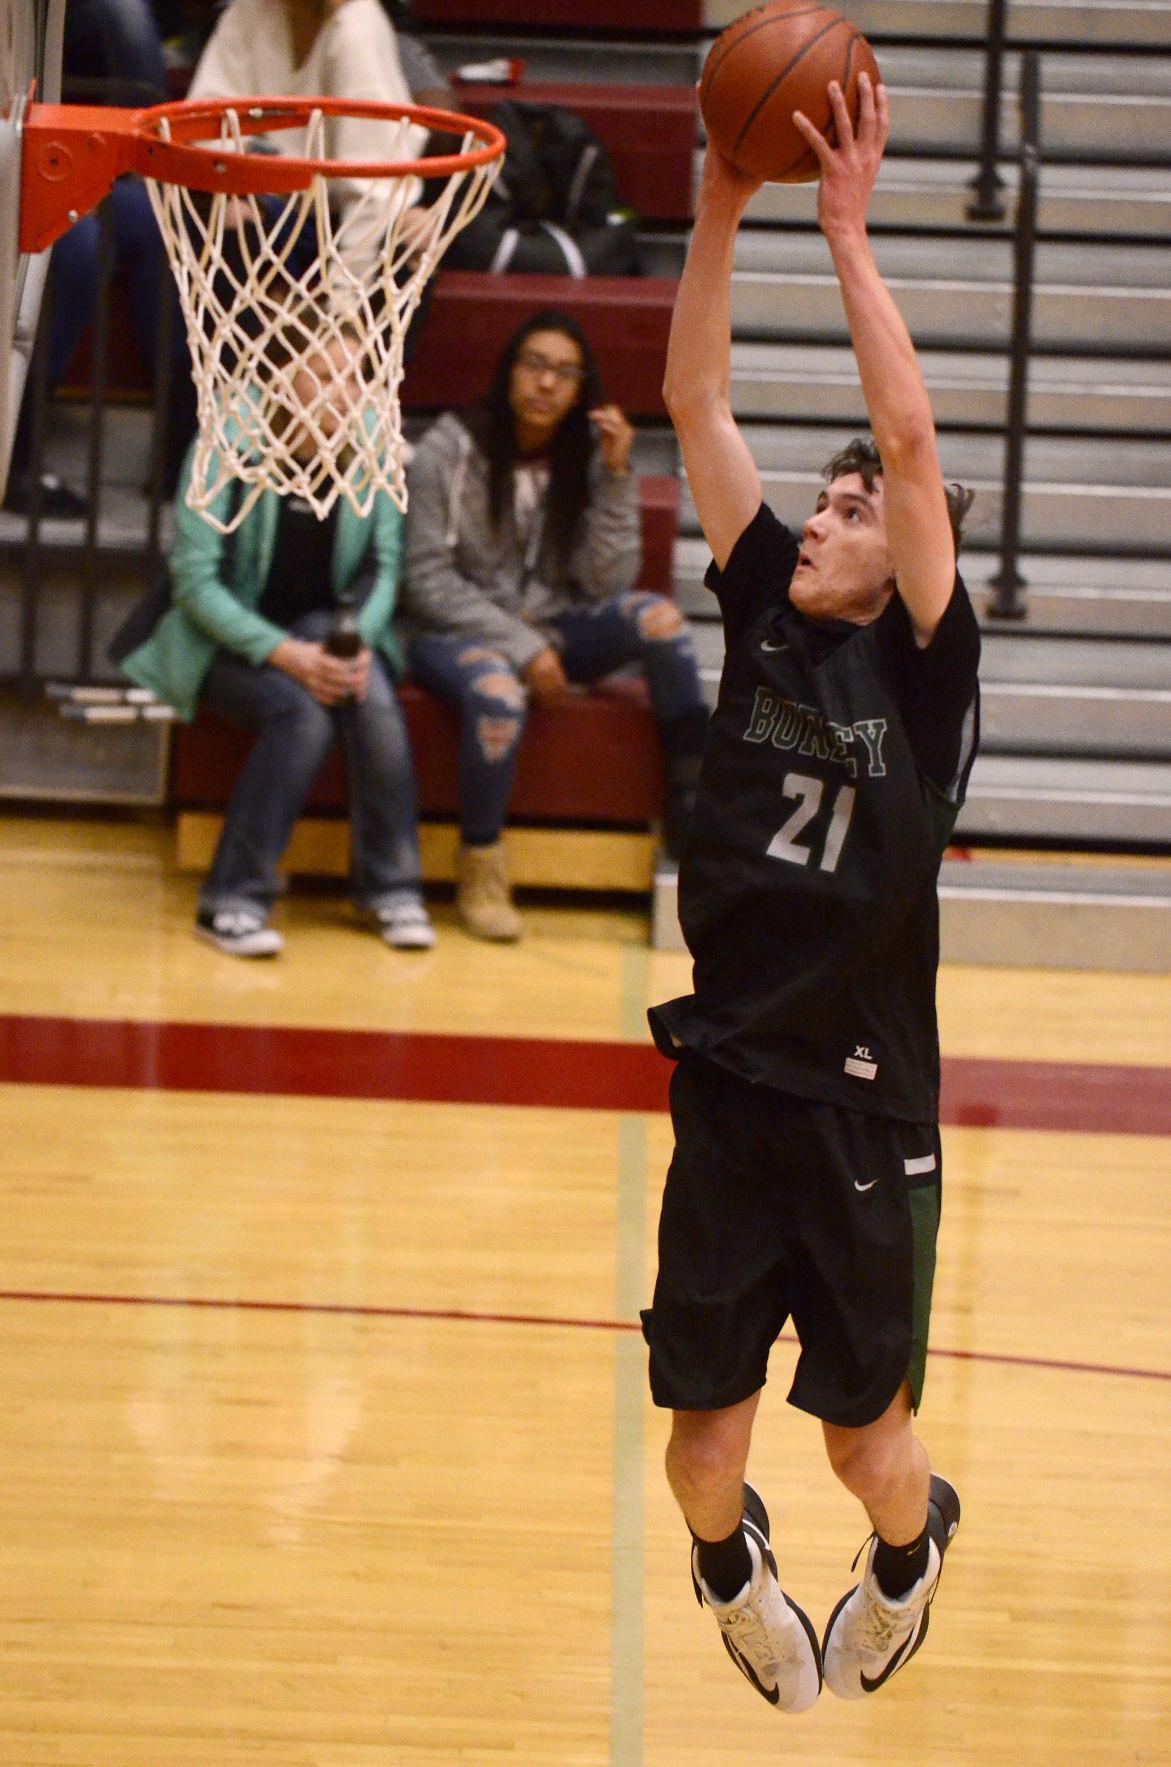 Boys Basketball - Burley Vs. Canyon Ridge